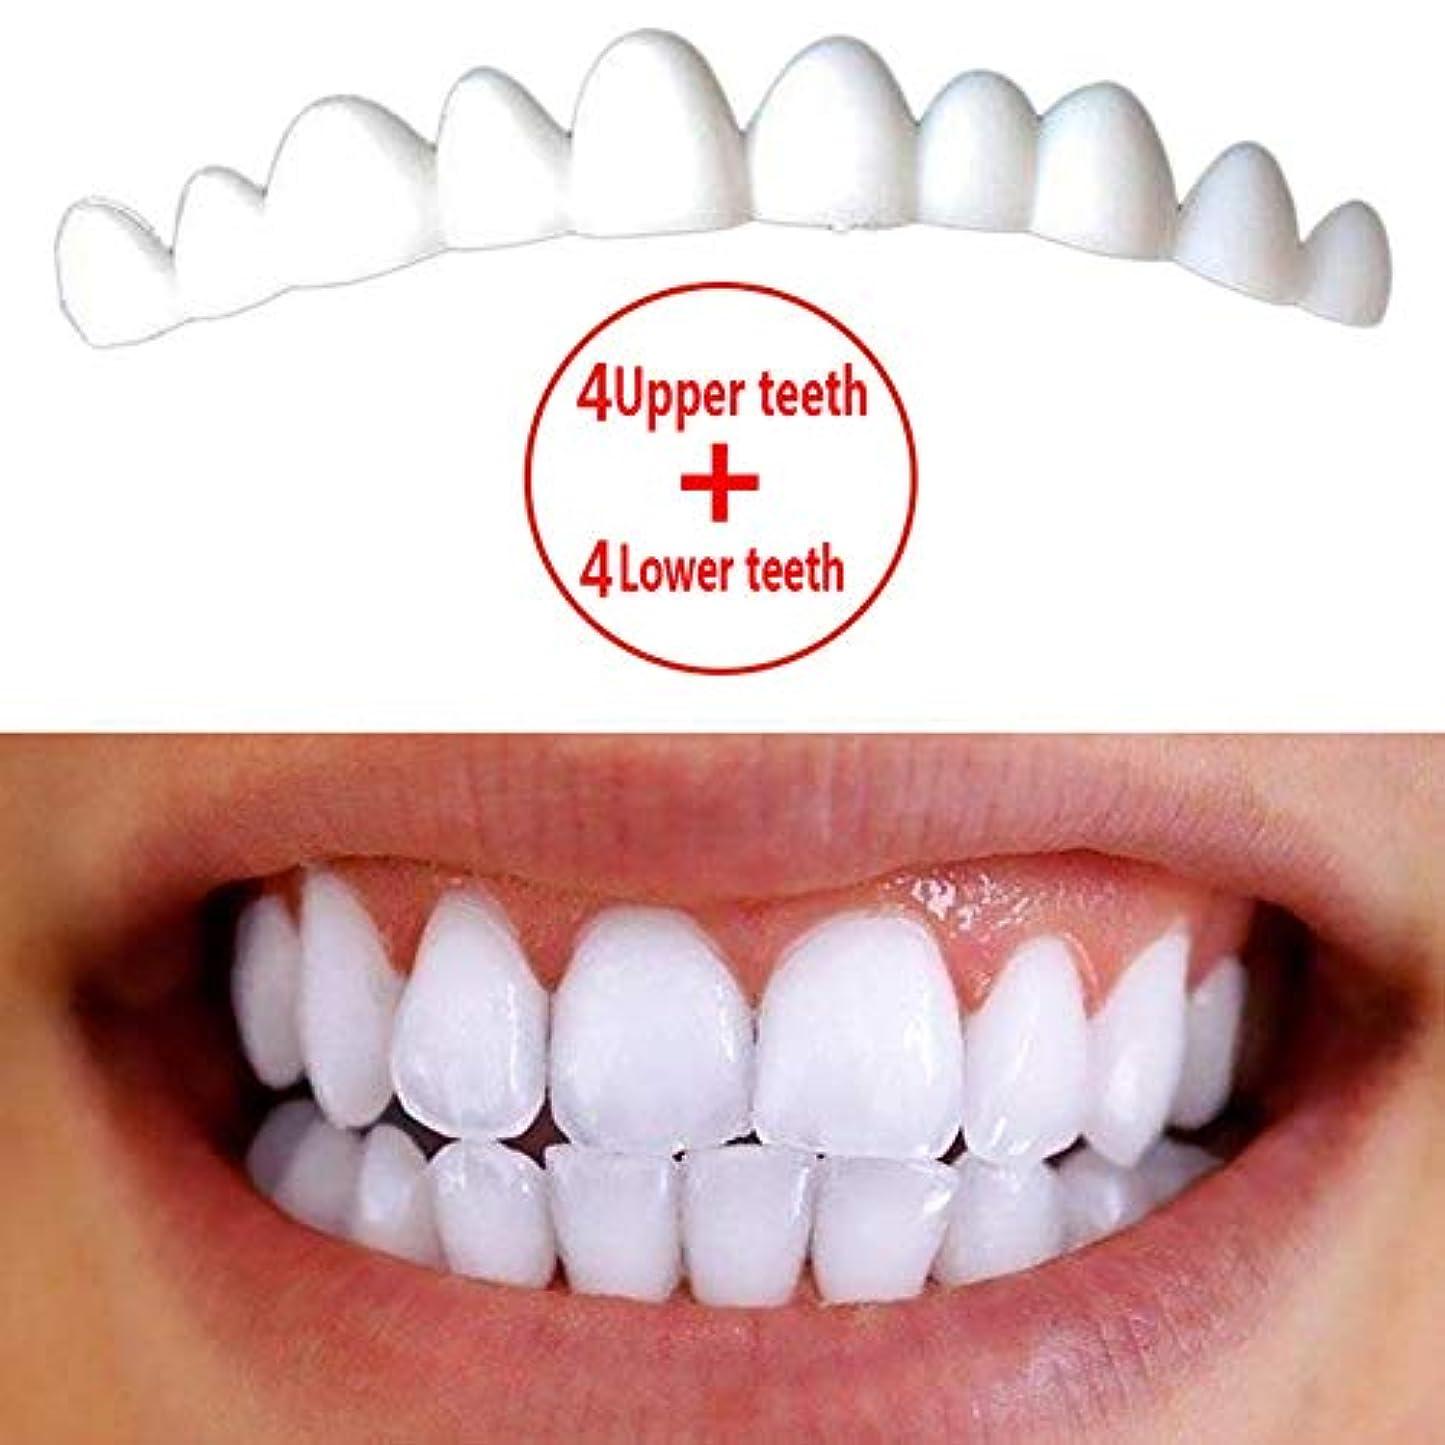 リーガンアクティブ含む上歯4本+下歯4本、パーフェクトスマイルコンフォートフィット新しいスナップオンフレックスフィットが最も快適な入れ歯